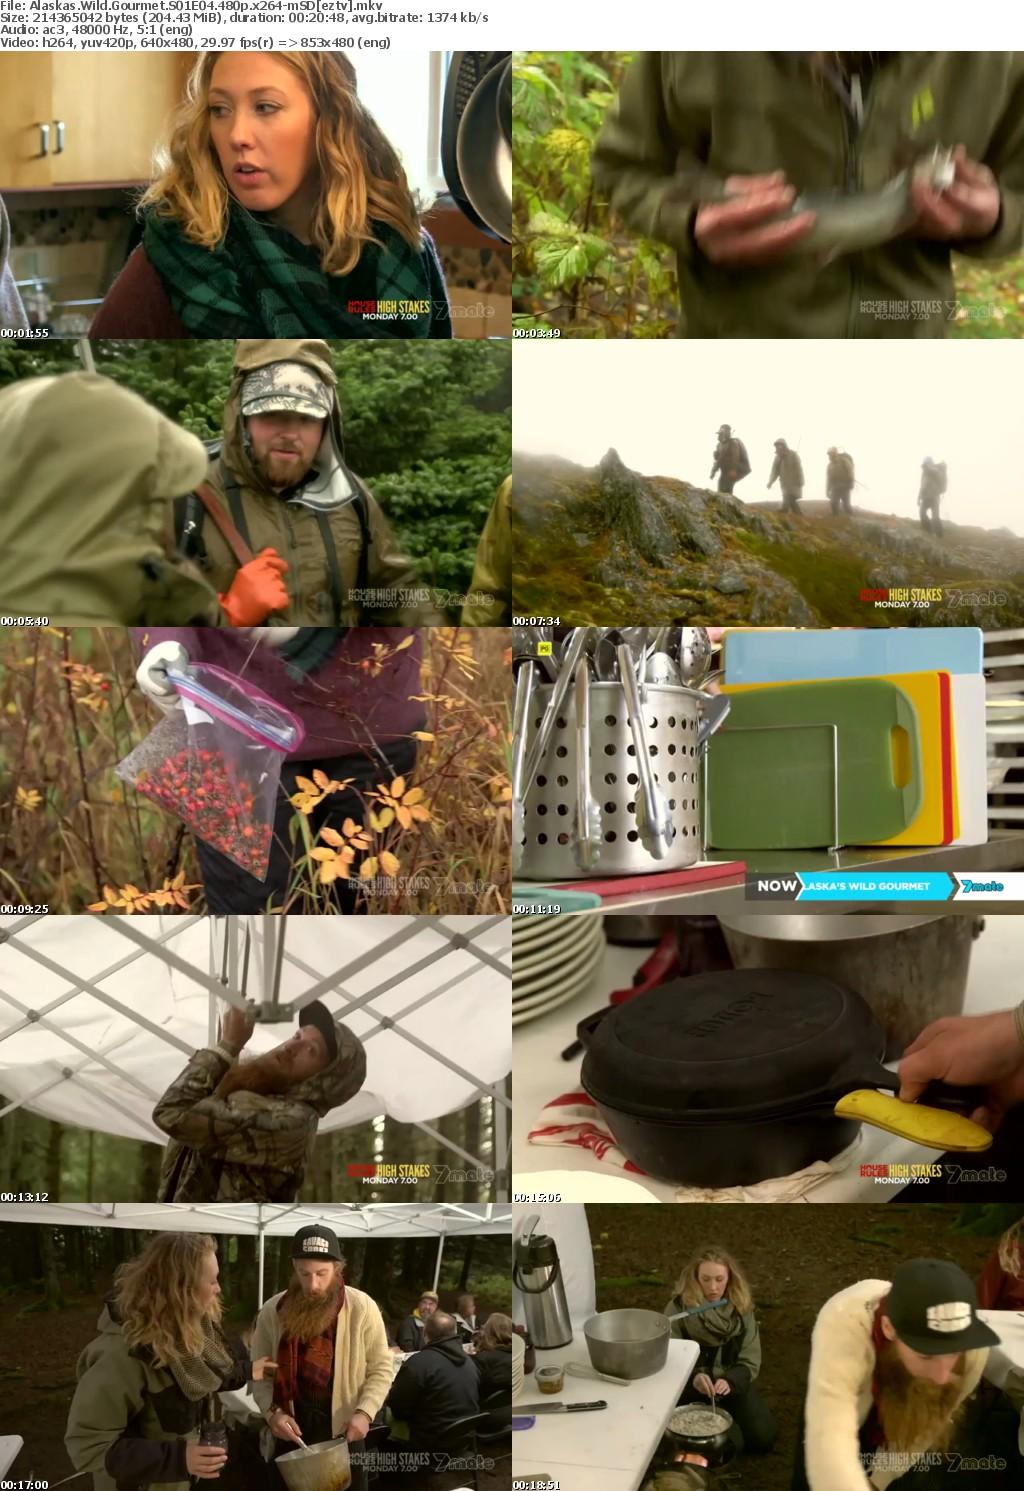 Alaskas Wild Gourmet S01E04 480p x264-mSD